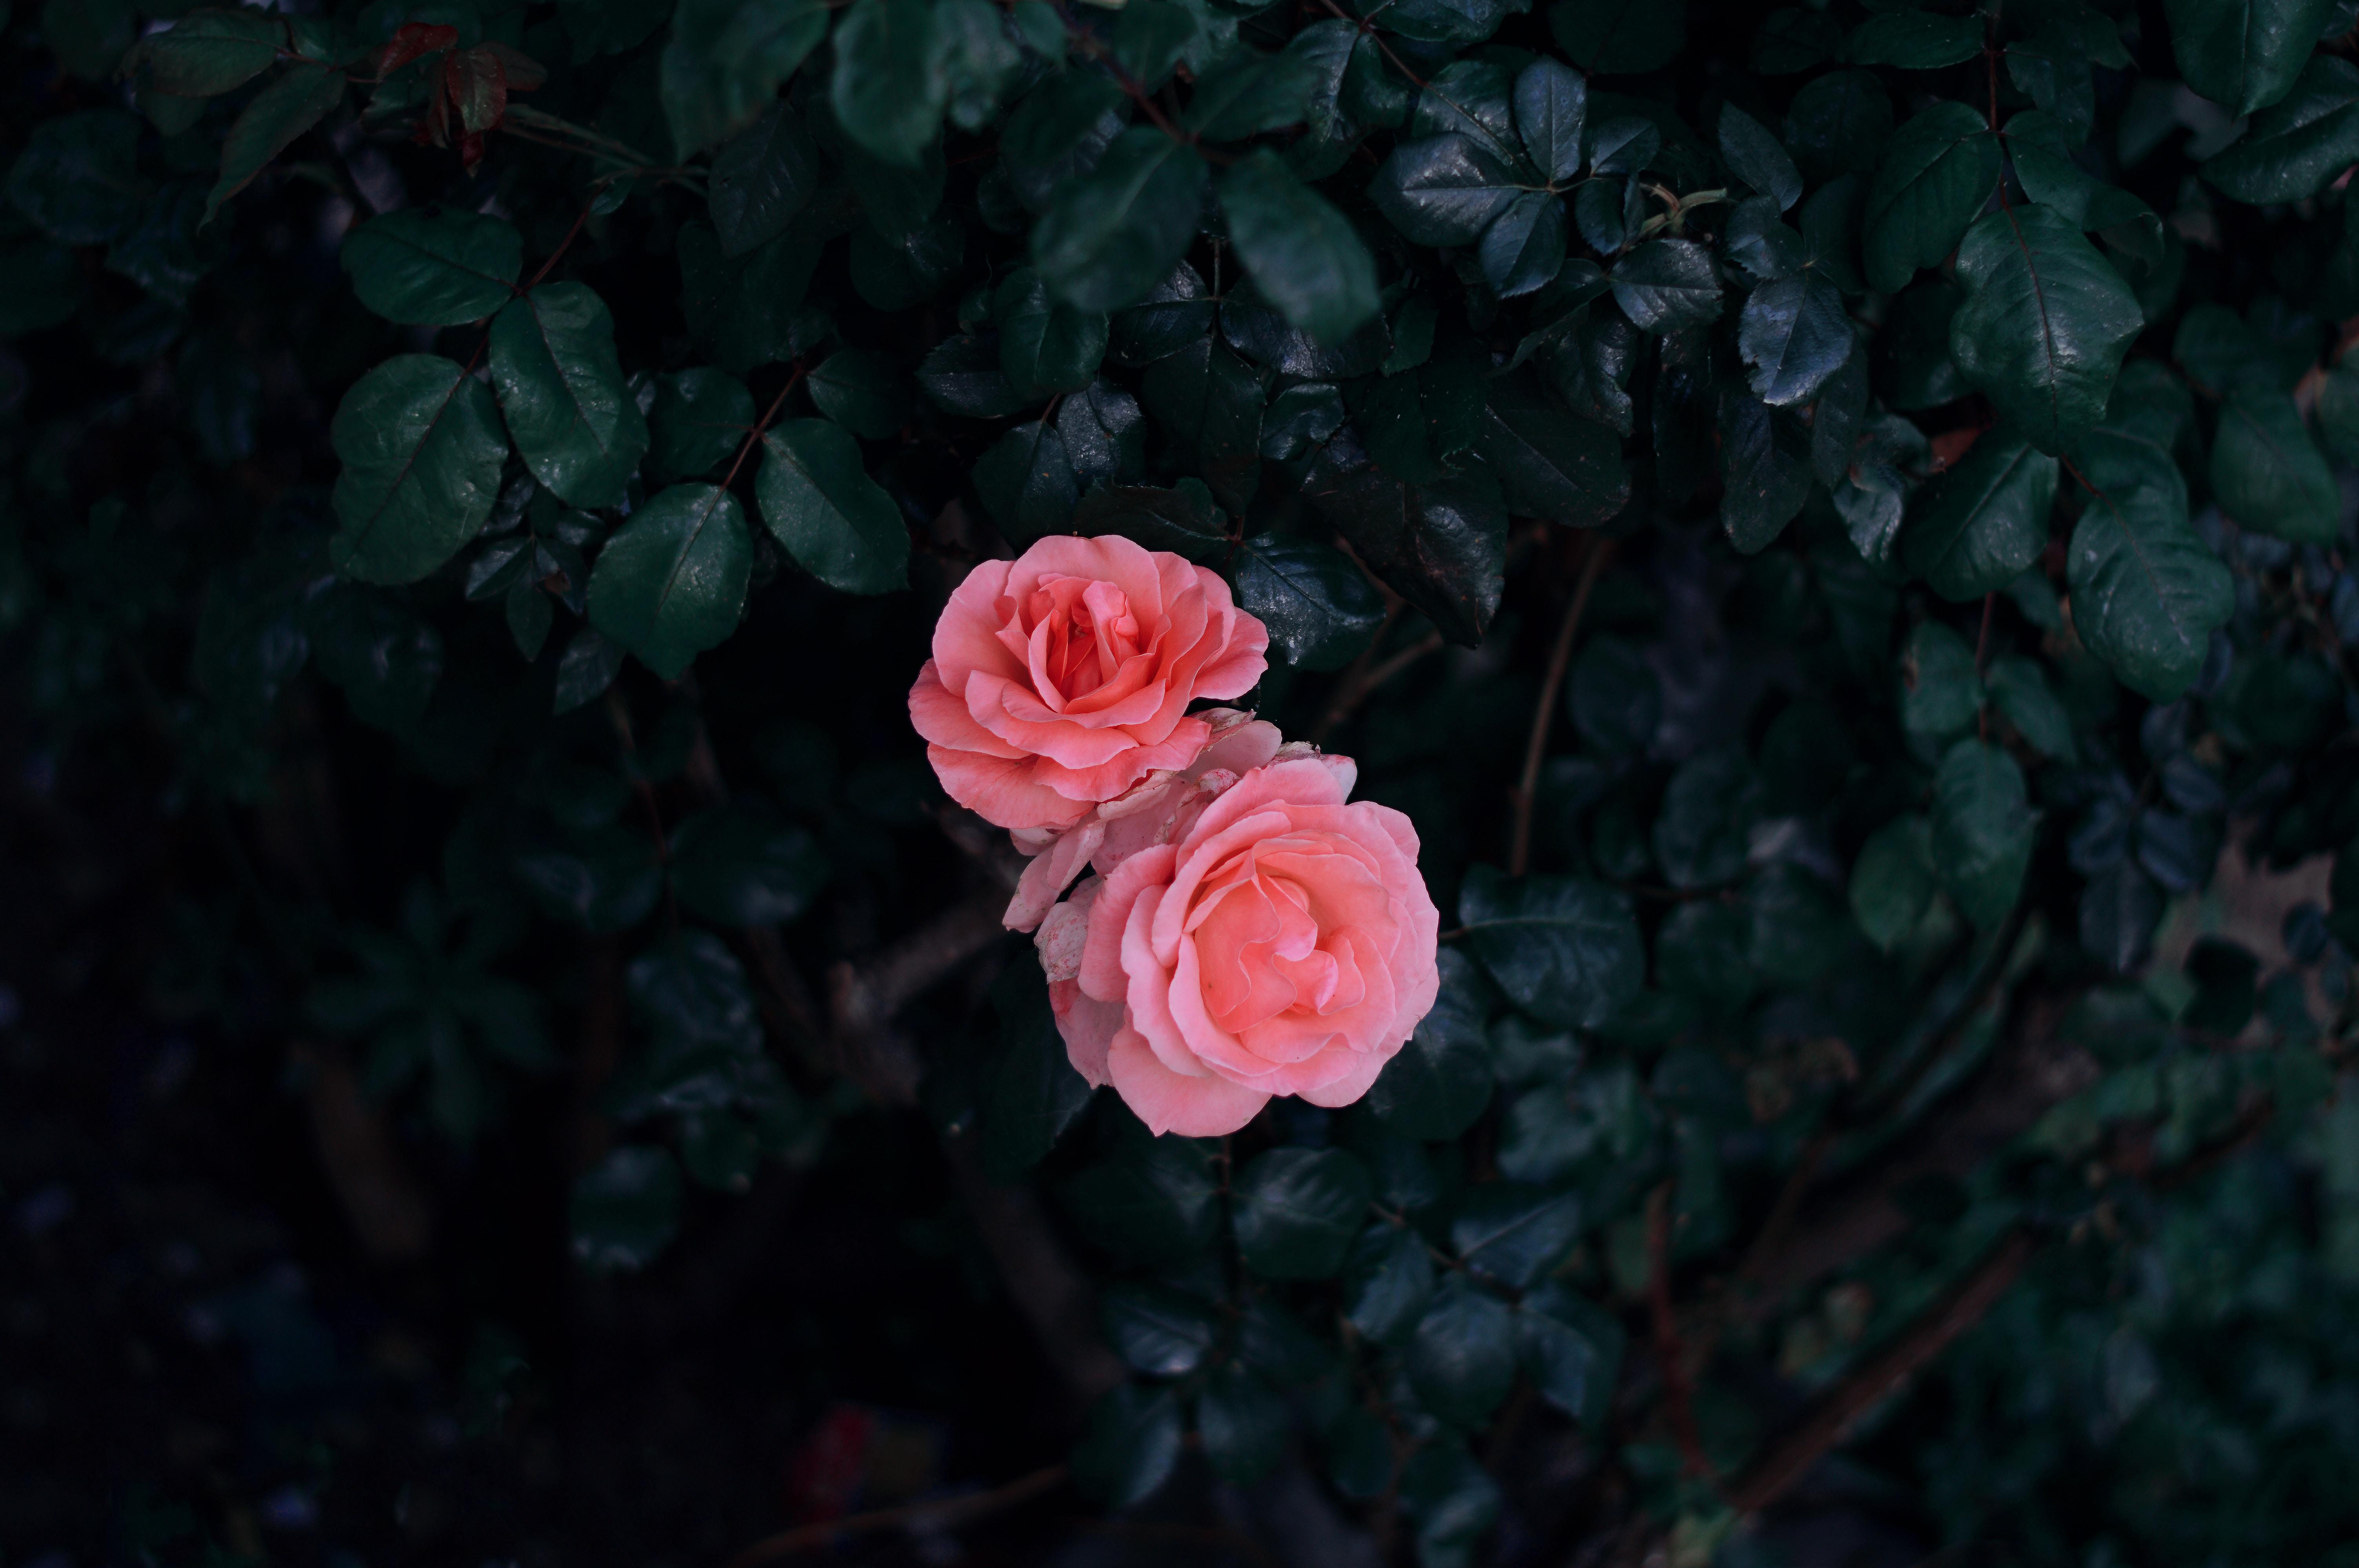 143090 скачать обои Бутоны, Цветы, Листья, Роза, Розовый, Куст - заставки и картинки бесплатно